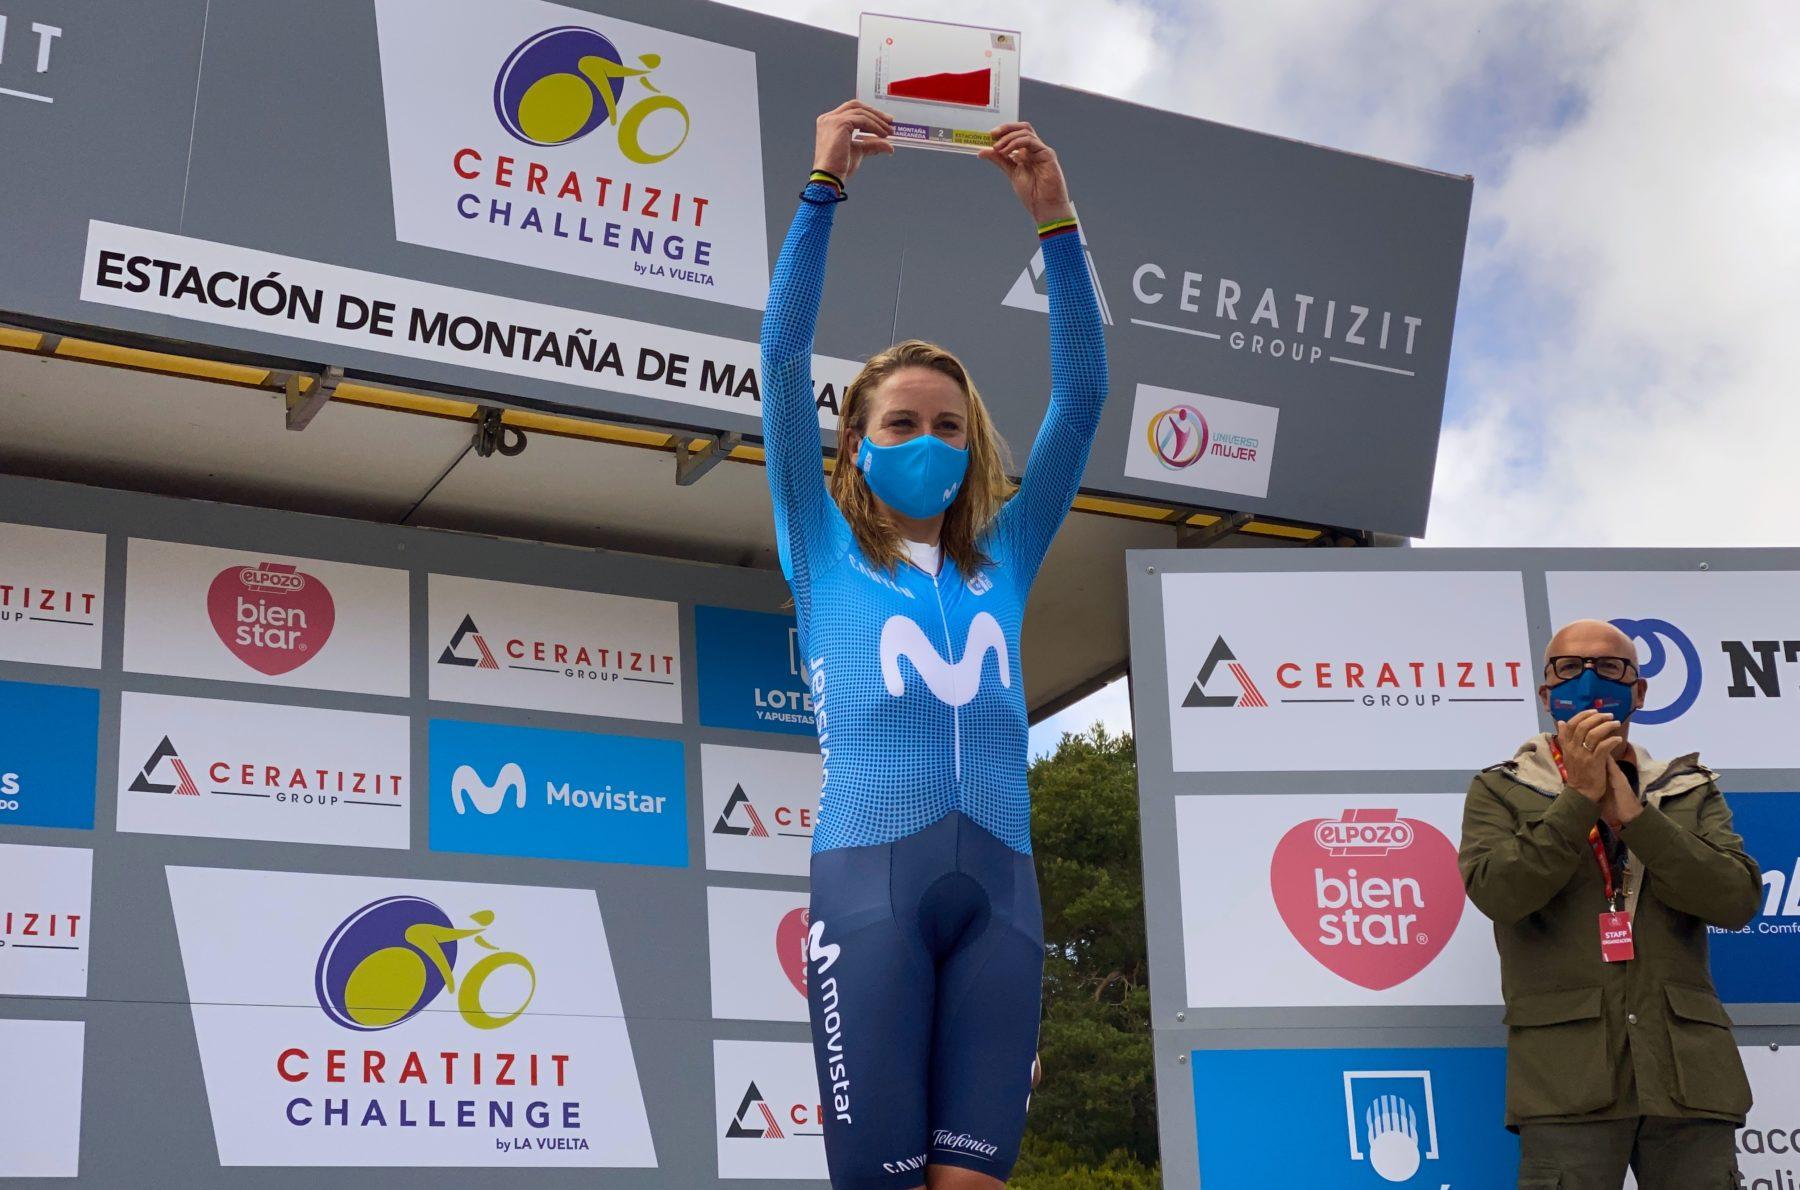 Imagen de la noticia 'Annemiek van Vleuten unstoppable at La Vuelta's Manzaneda TT'